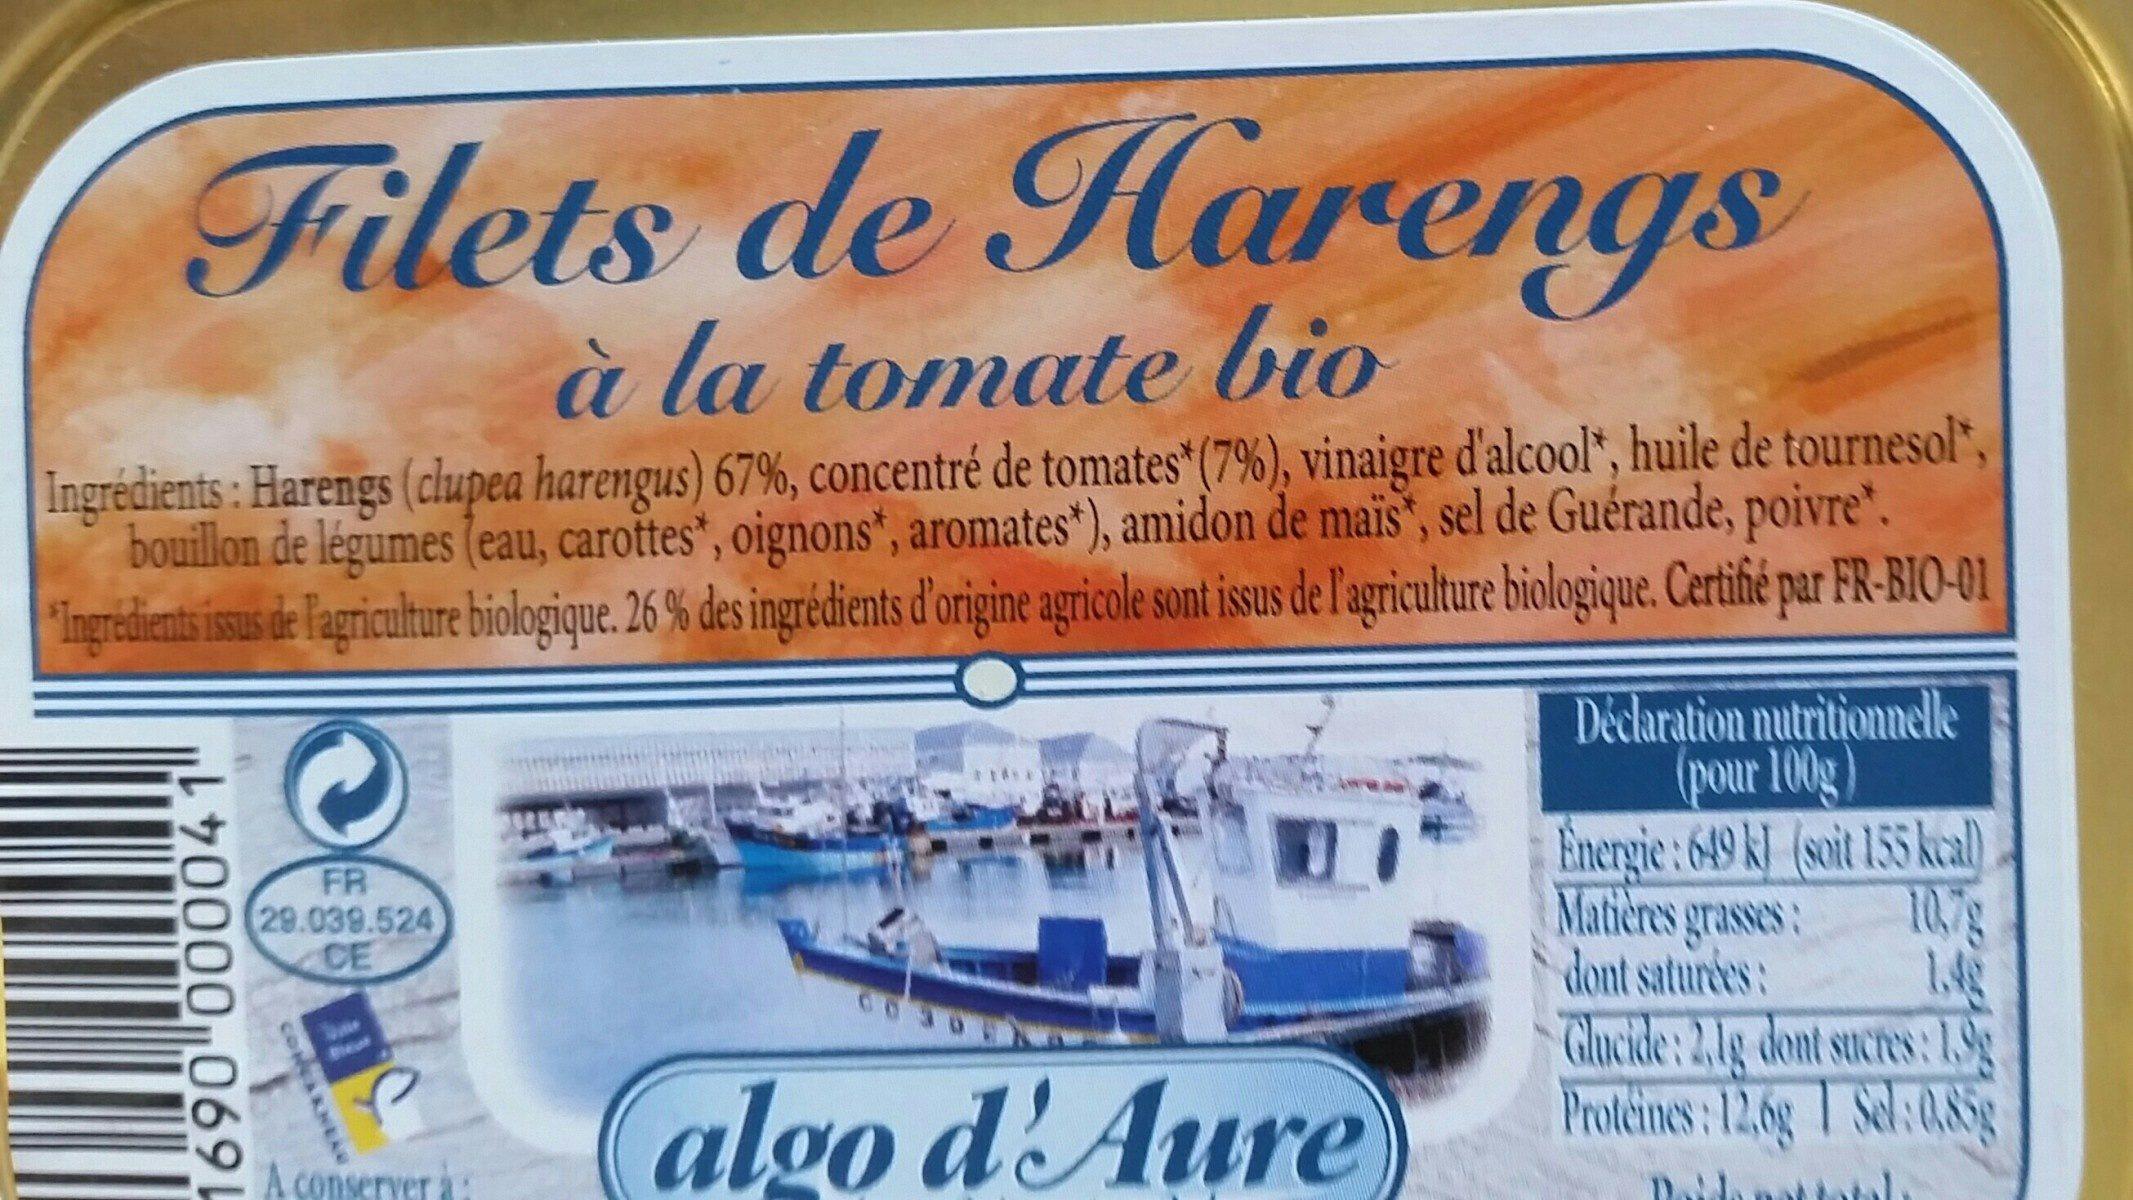 Filets de harengs à la tomate bio - Ingrédients - fr